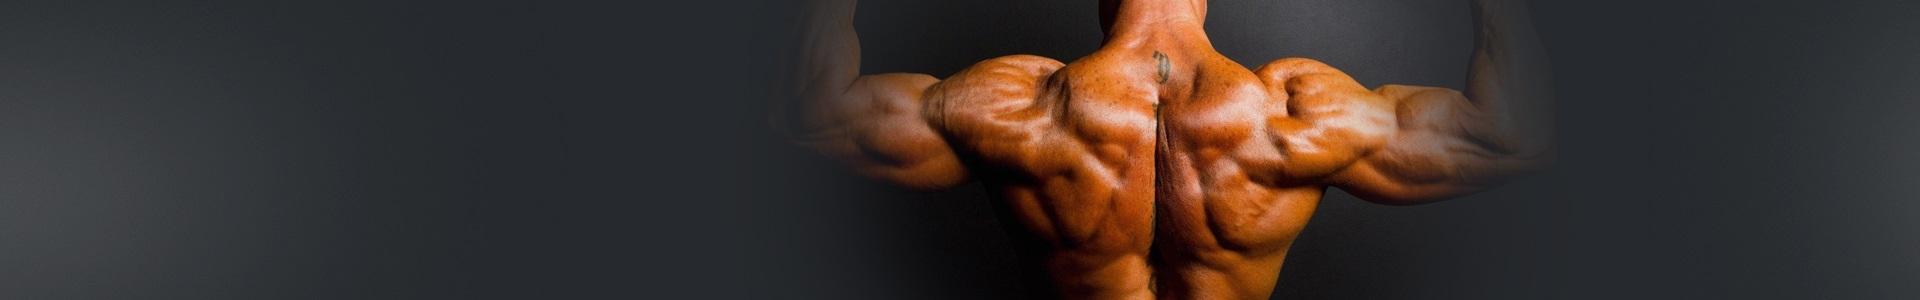 哑铃背部肌肉强化训练-初级(2练/周)